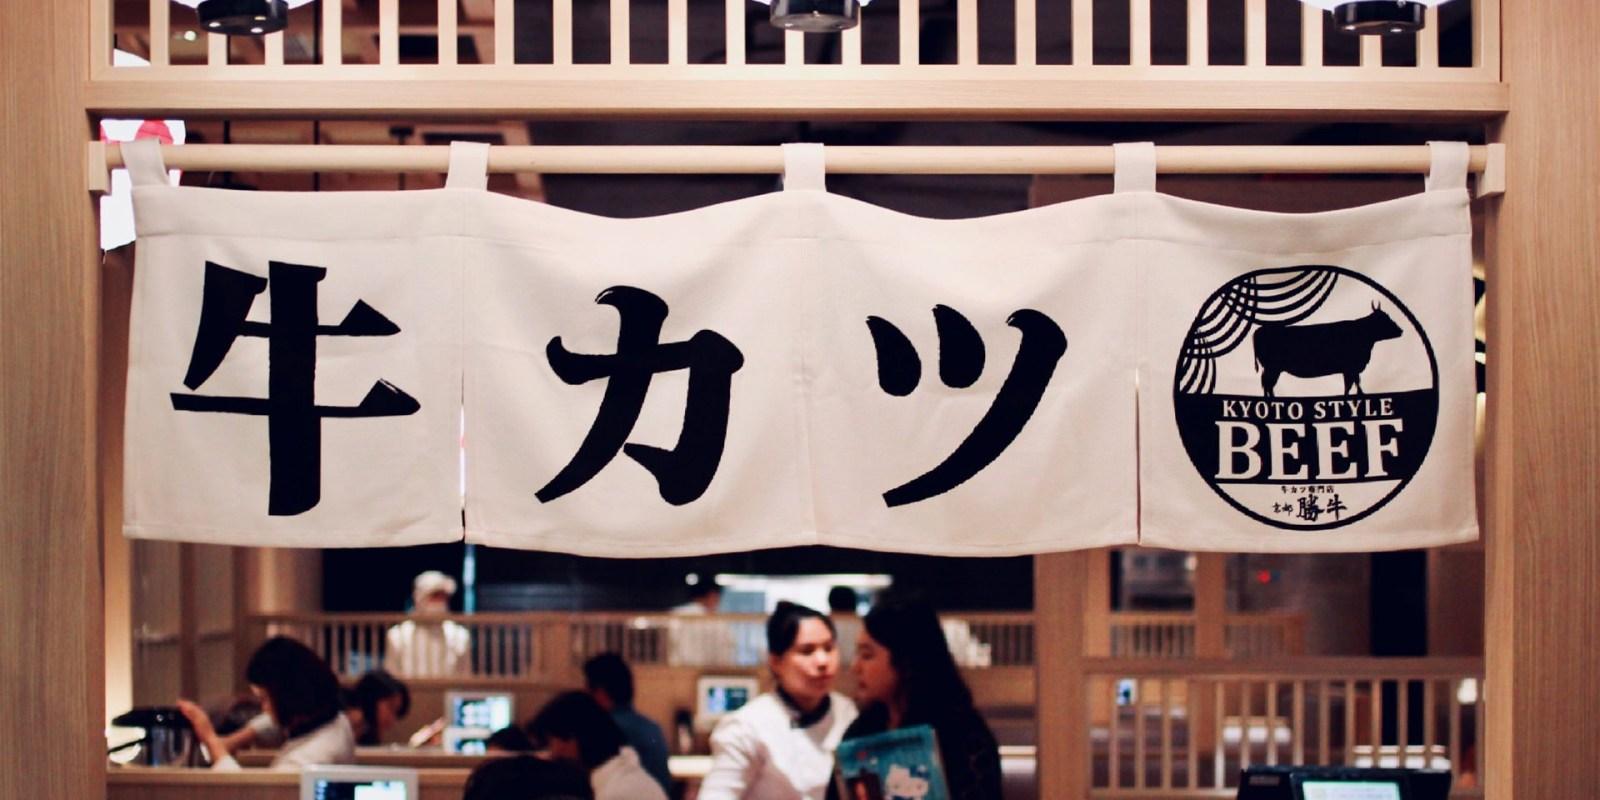 【台北】京都勝牛京站店,來自日本京都的超好吃炸牛排,我也來了!